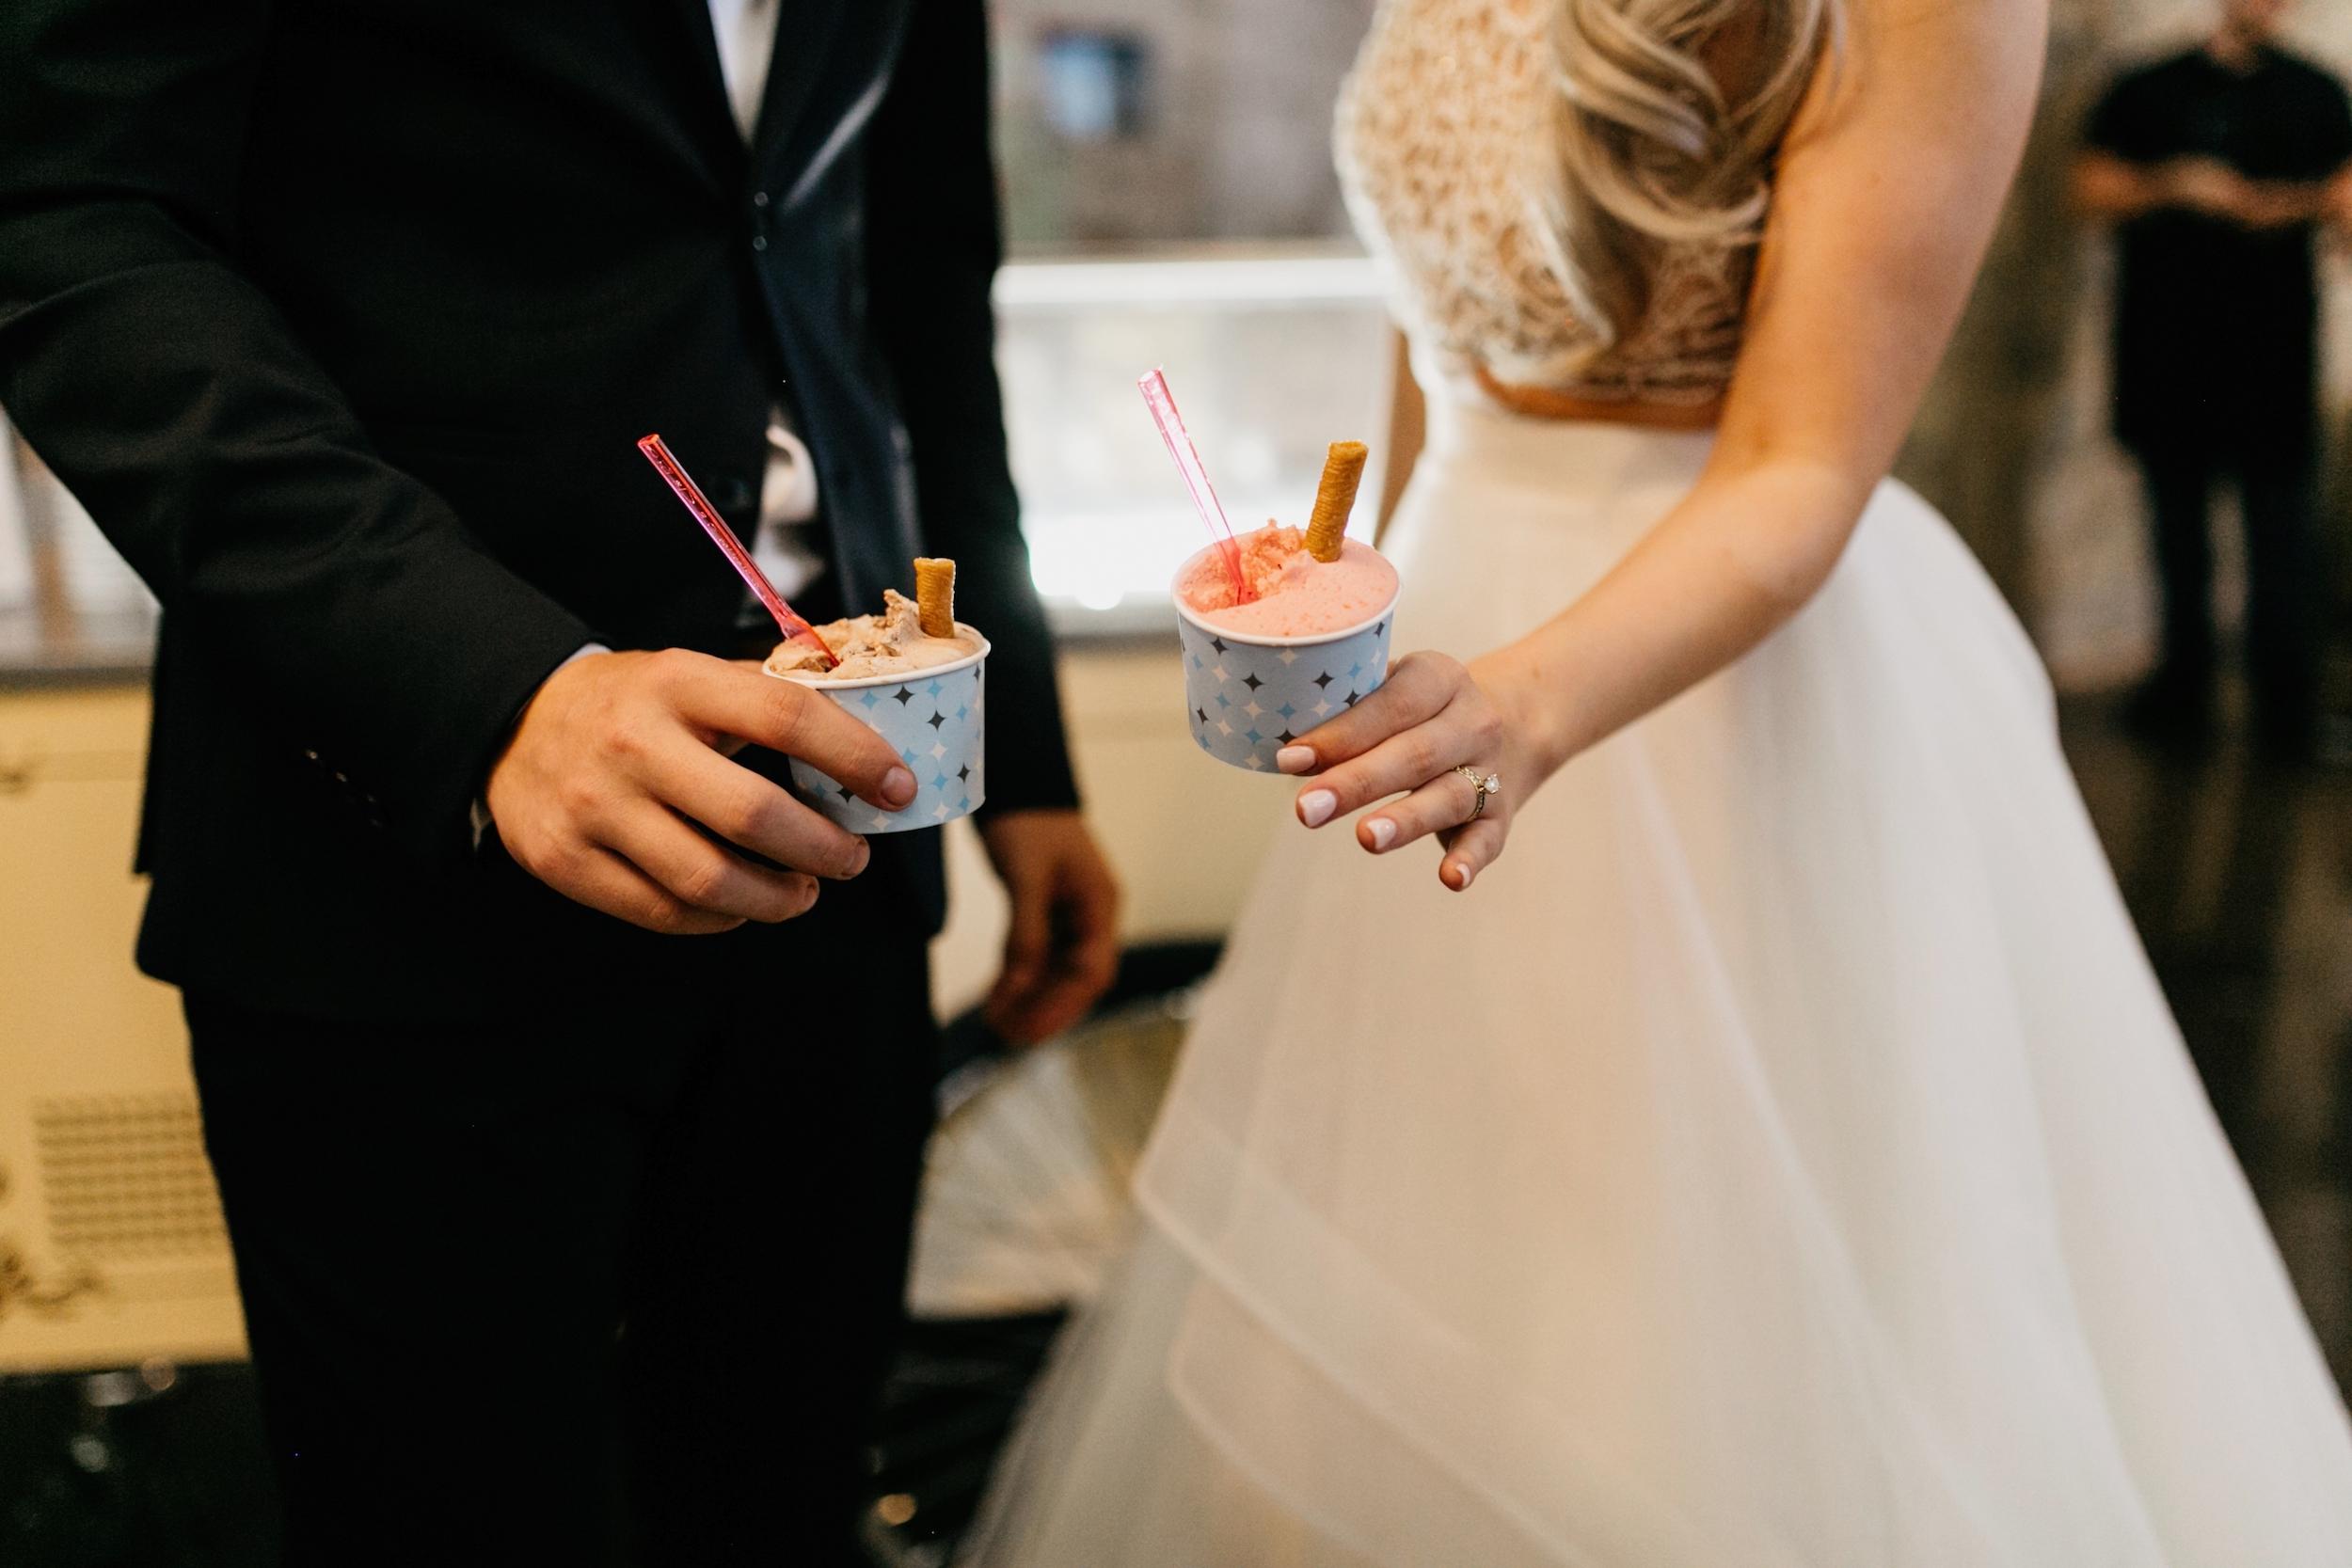 arizona - wedding - photography 01739.jpg